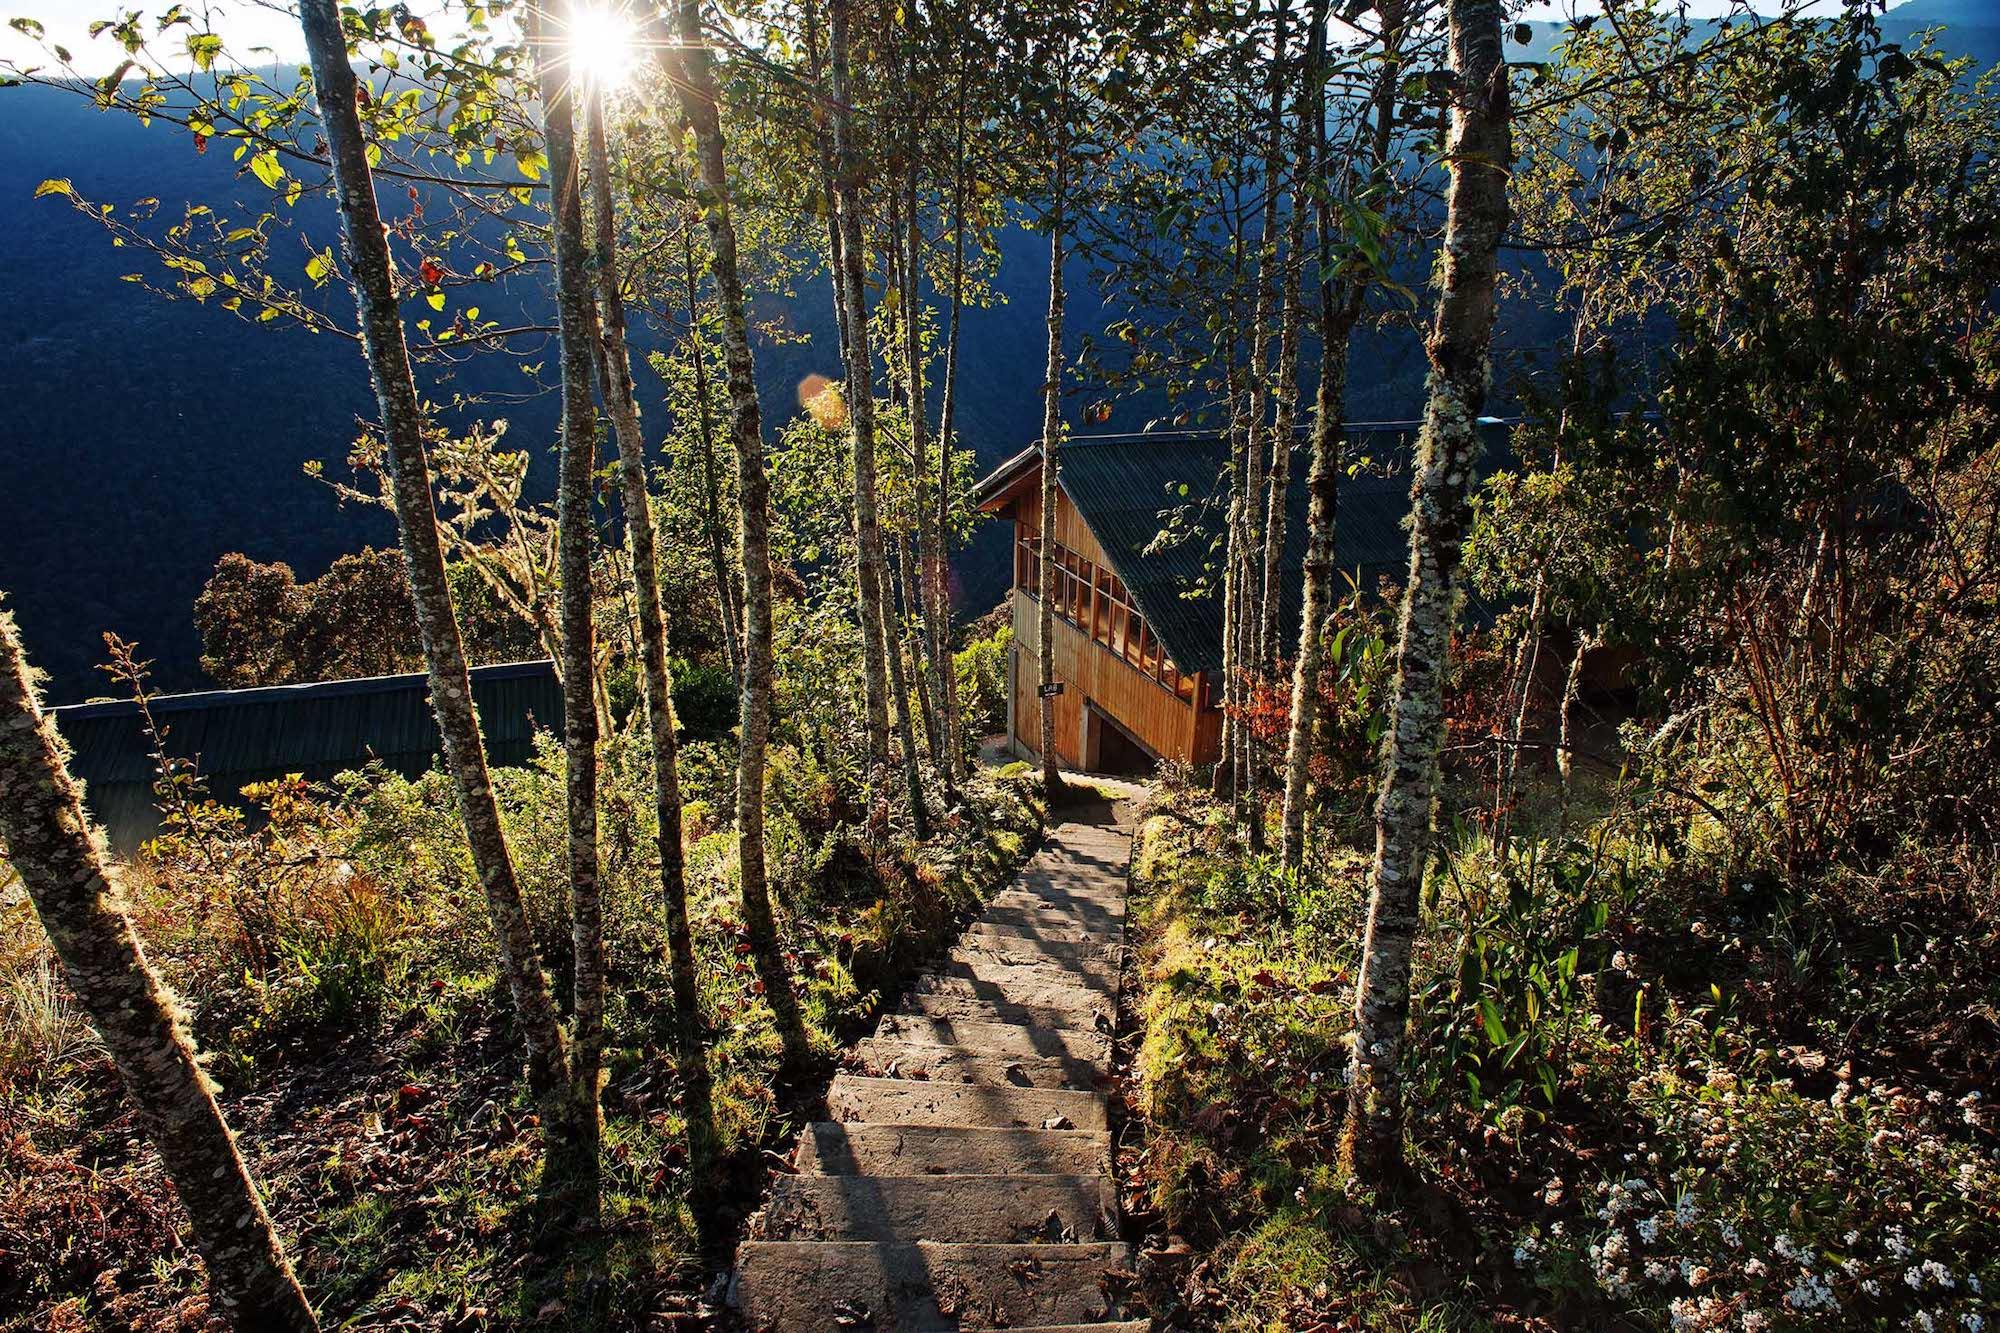 En Wayqecha el bosque nublado se encuentra en buen estado de conservación. Foto: Walter Wust.